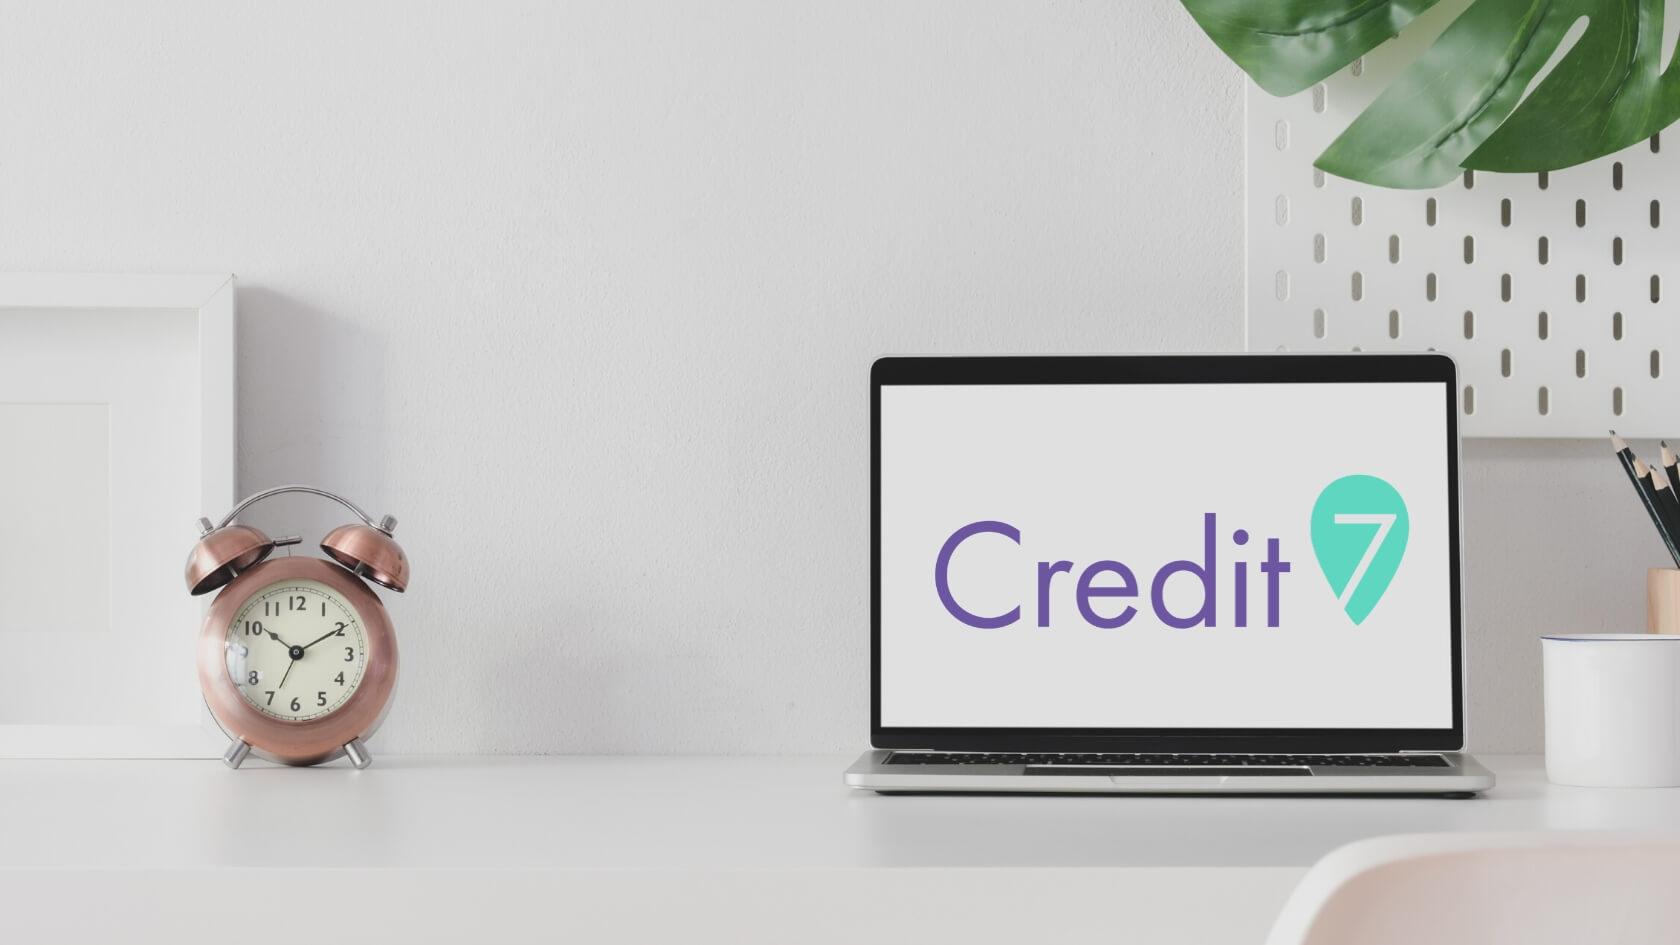 Условия кредитования Credit7